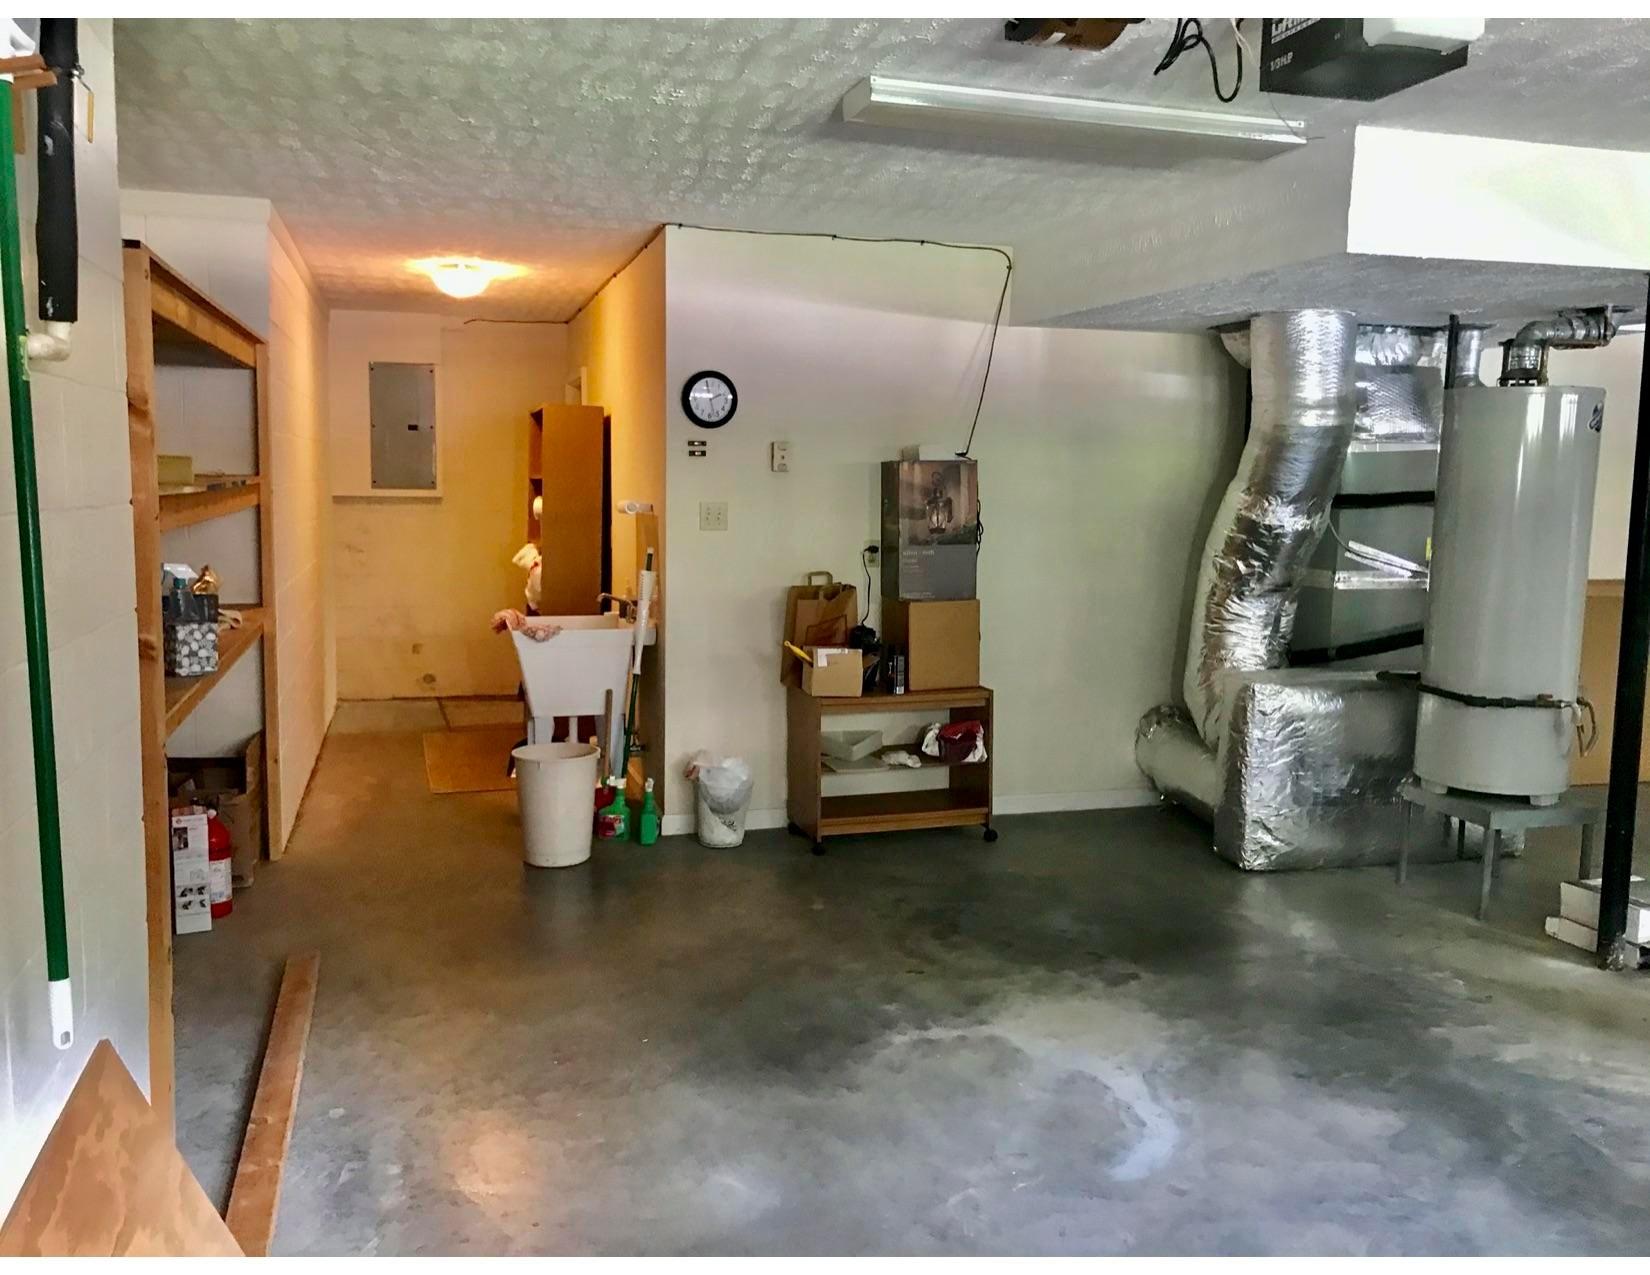 919 storage